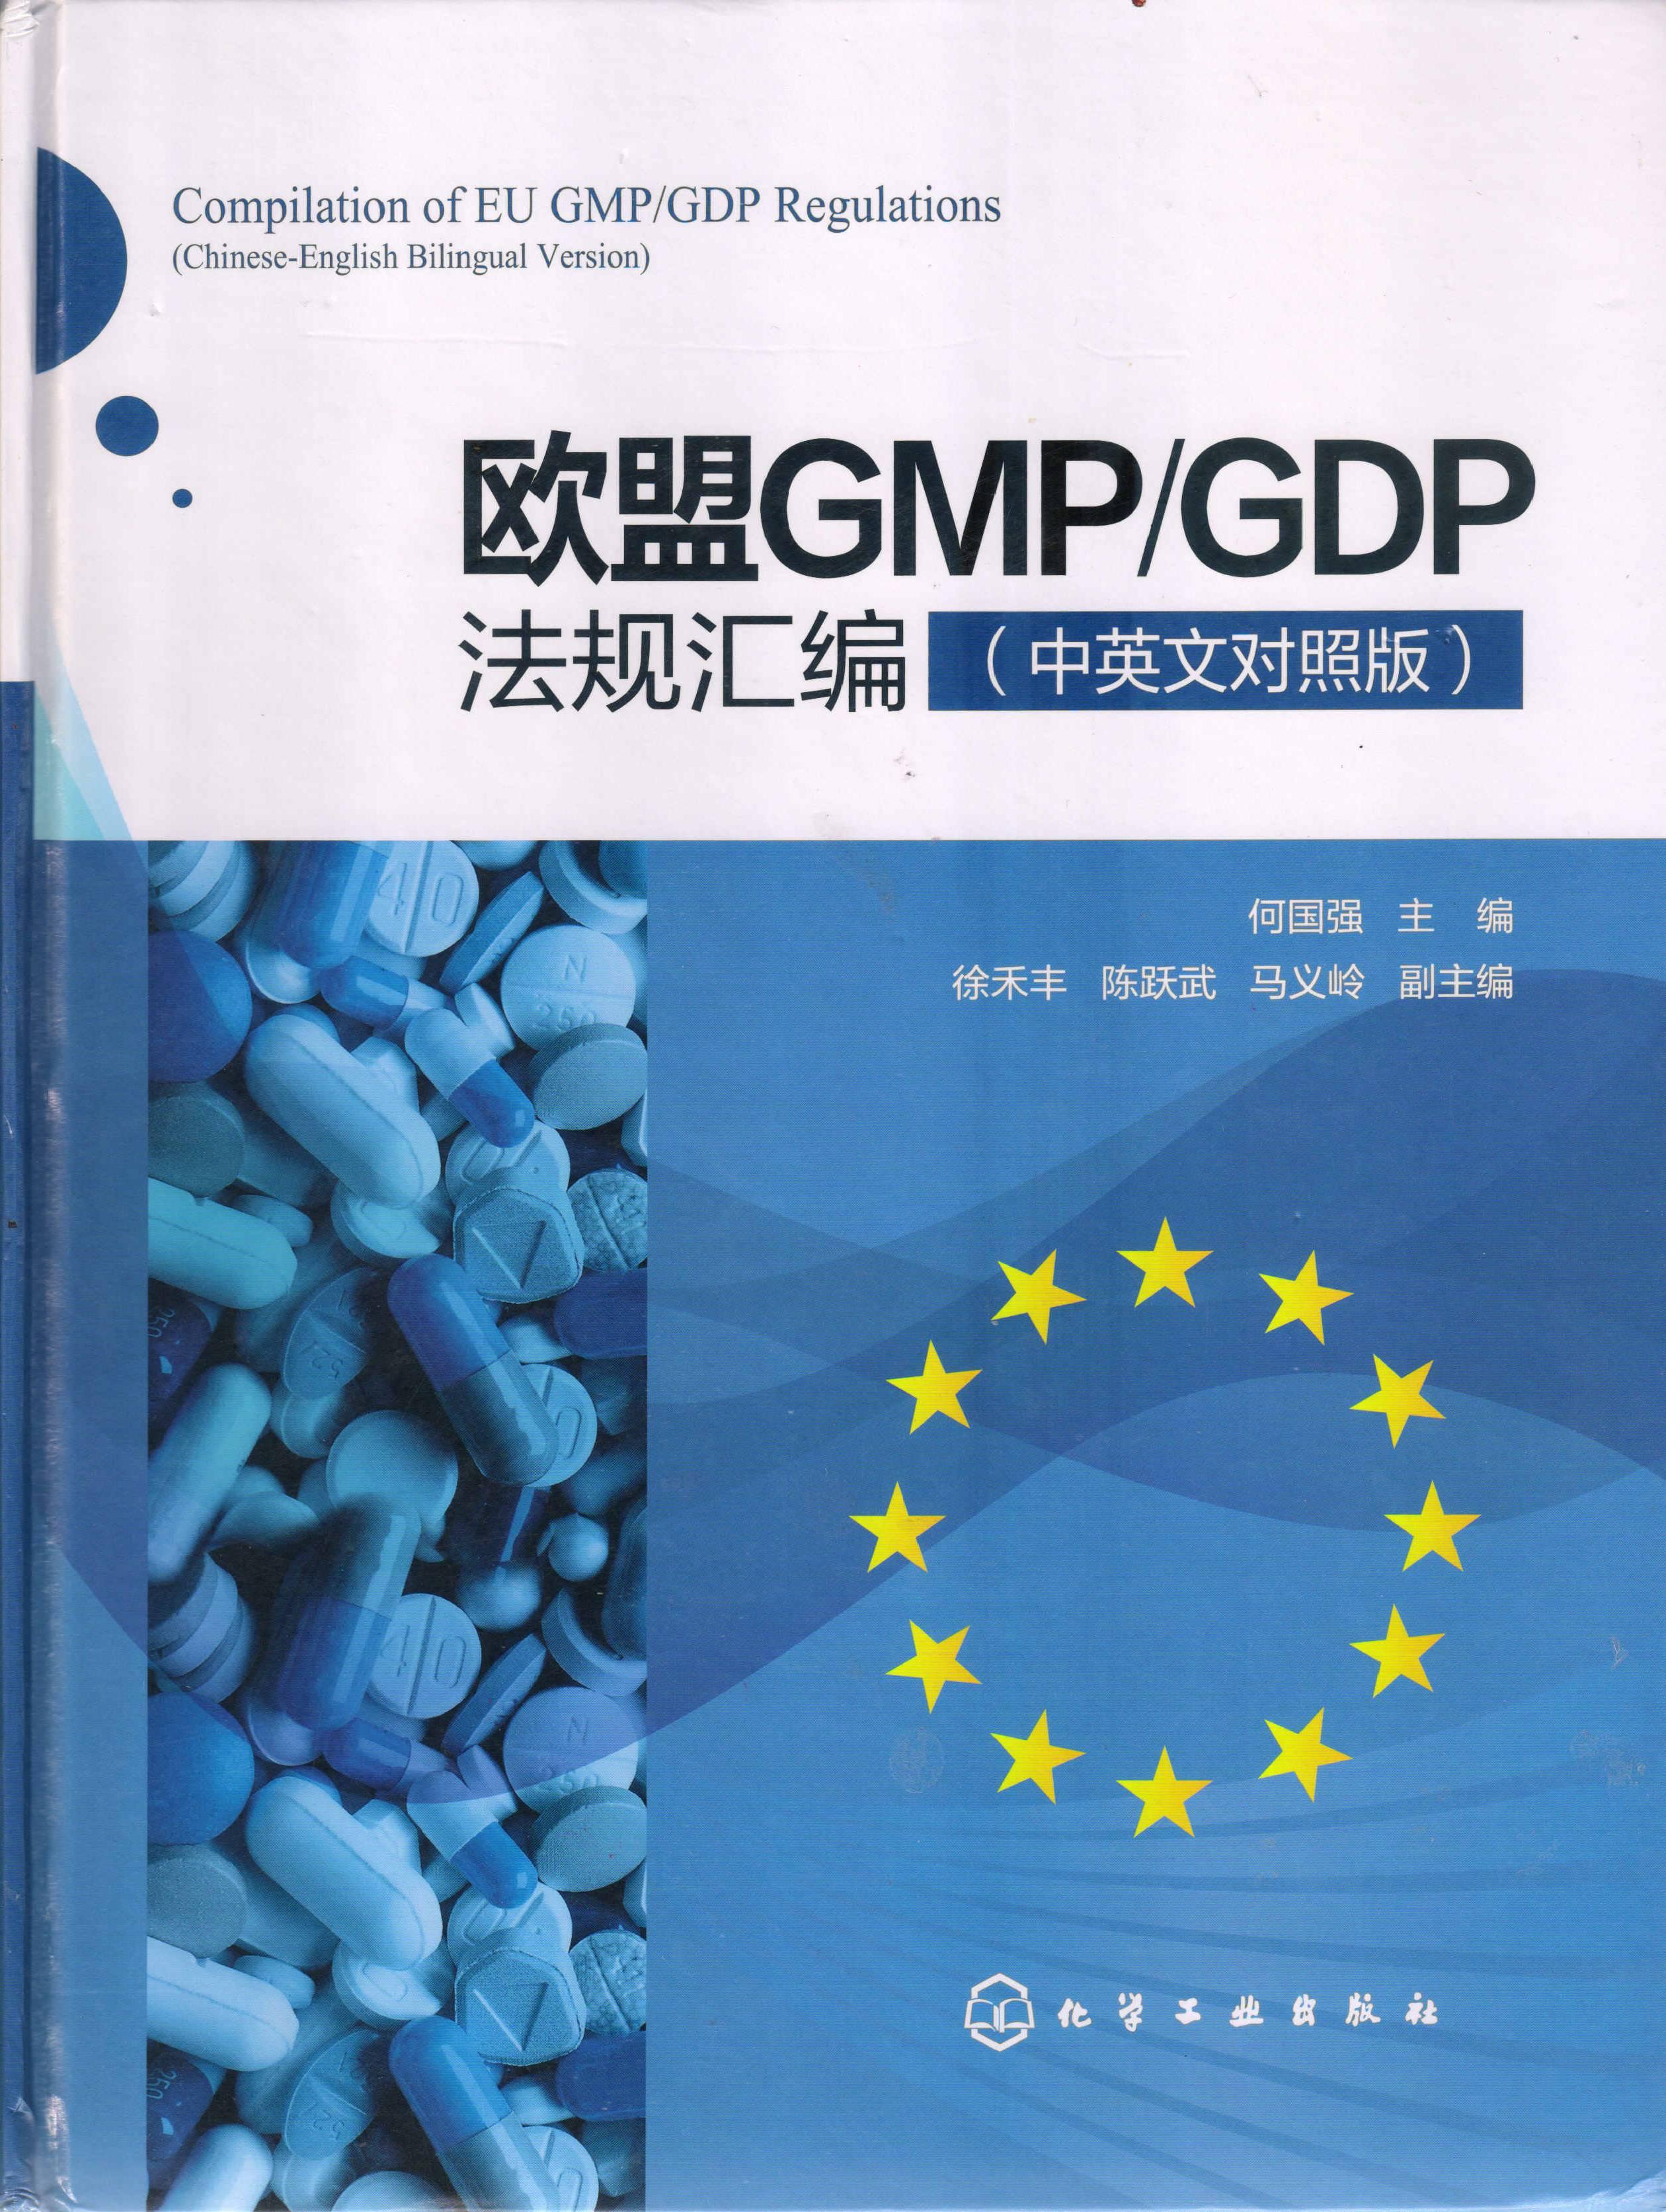 欧盟GMP&GDP法规汇编(中英版)